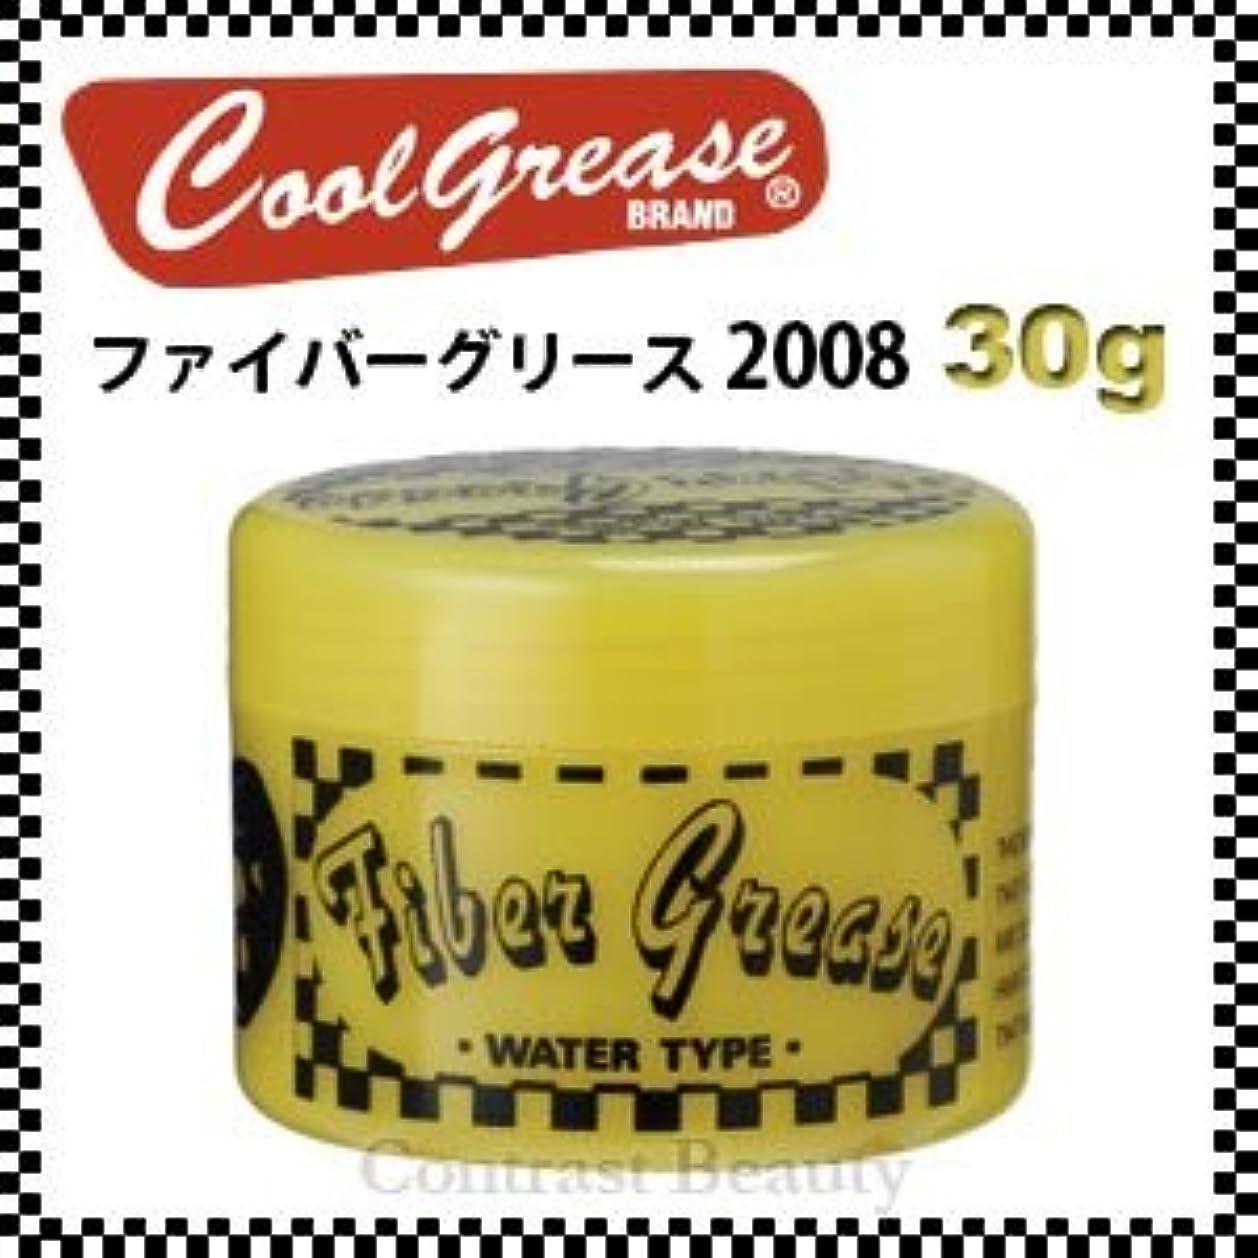 労苦骨便利阪本高生堂 ファイバーグリース 2008 30g